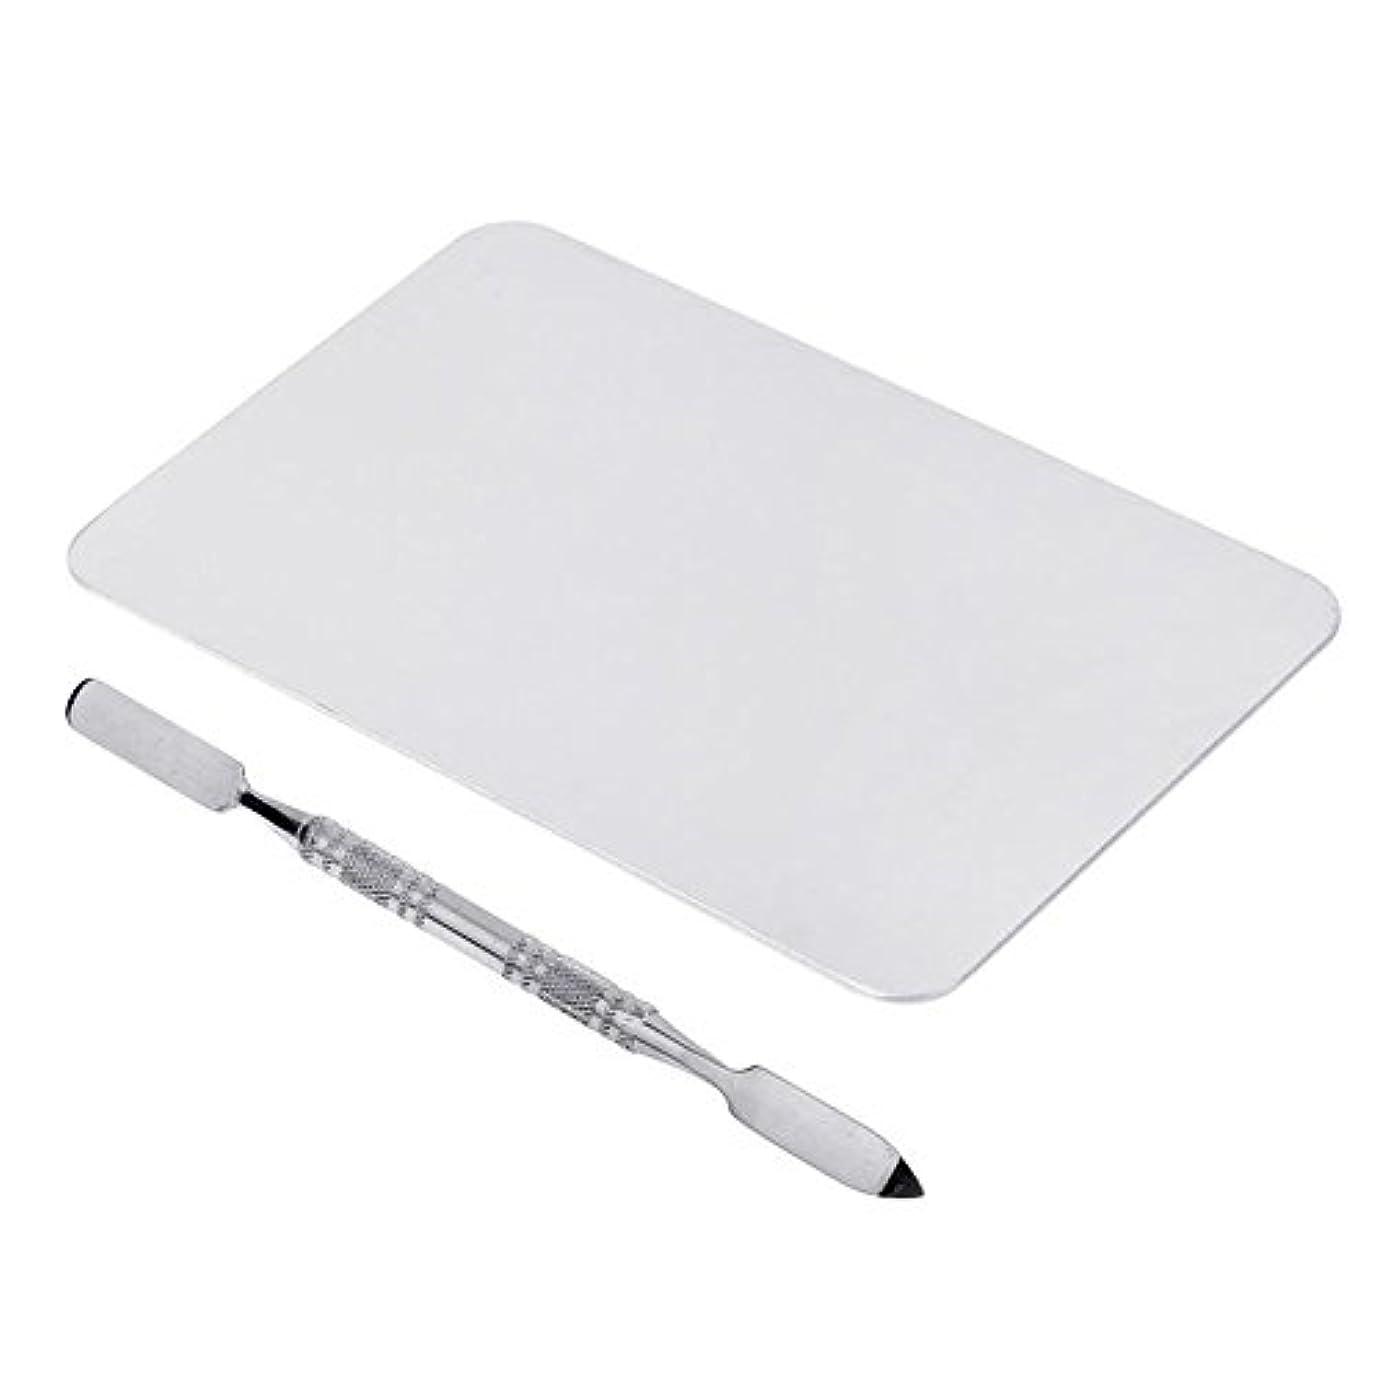 欲求不満万歳複合Gaoominy 2色のメイクパレットマニキュア、メイクアップ、アイシャドウパレットパレットセット12cm